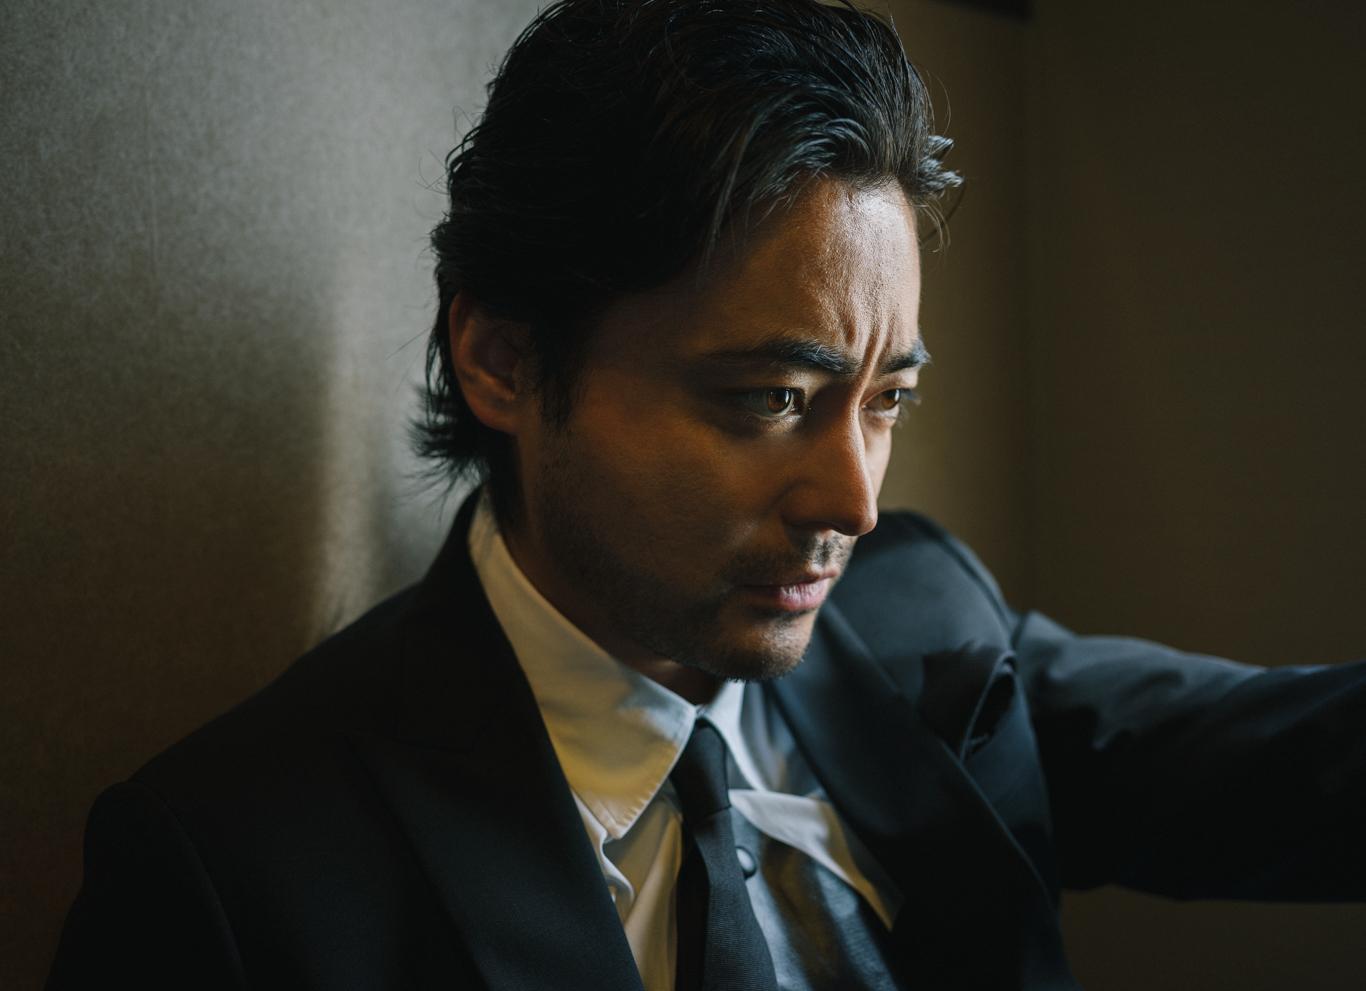 僕らは芝居をすることが生きがいだから——俳優・山田孝之が自らの手で変えていく未来